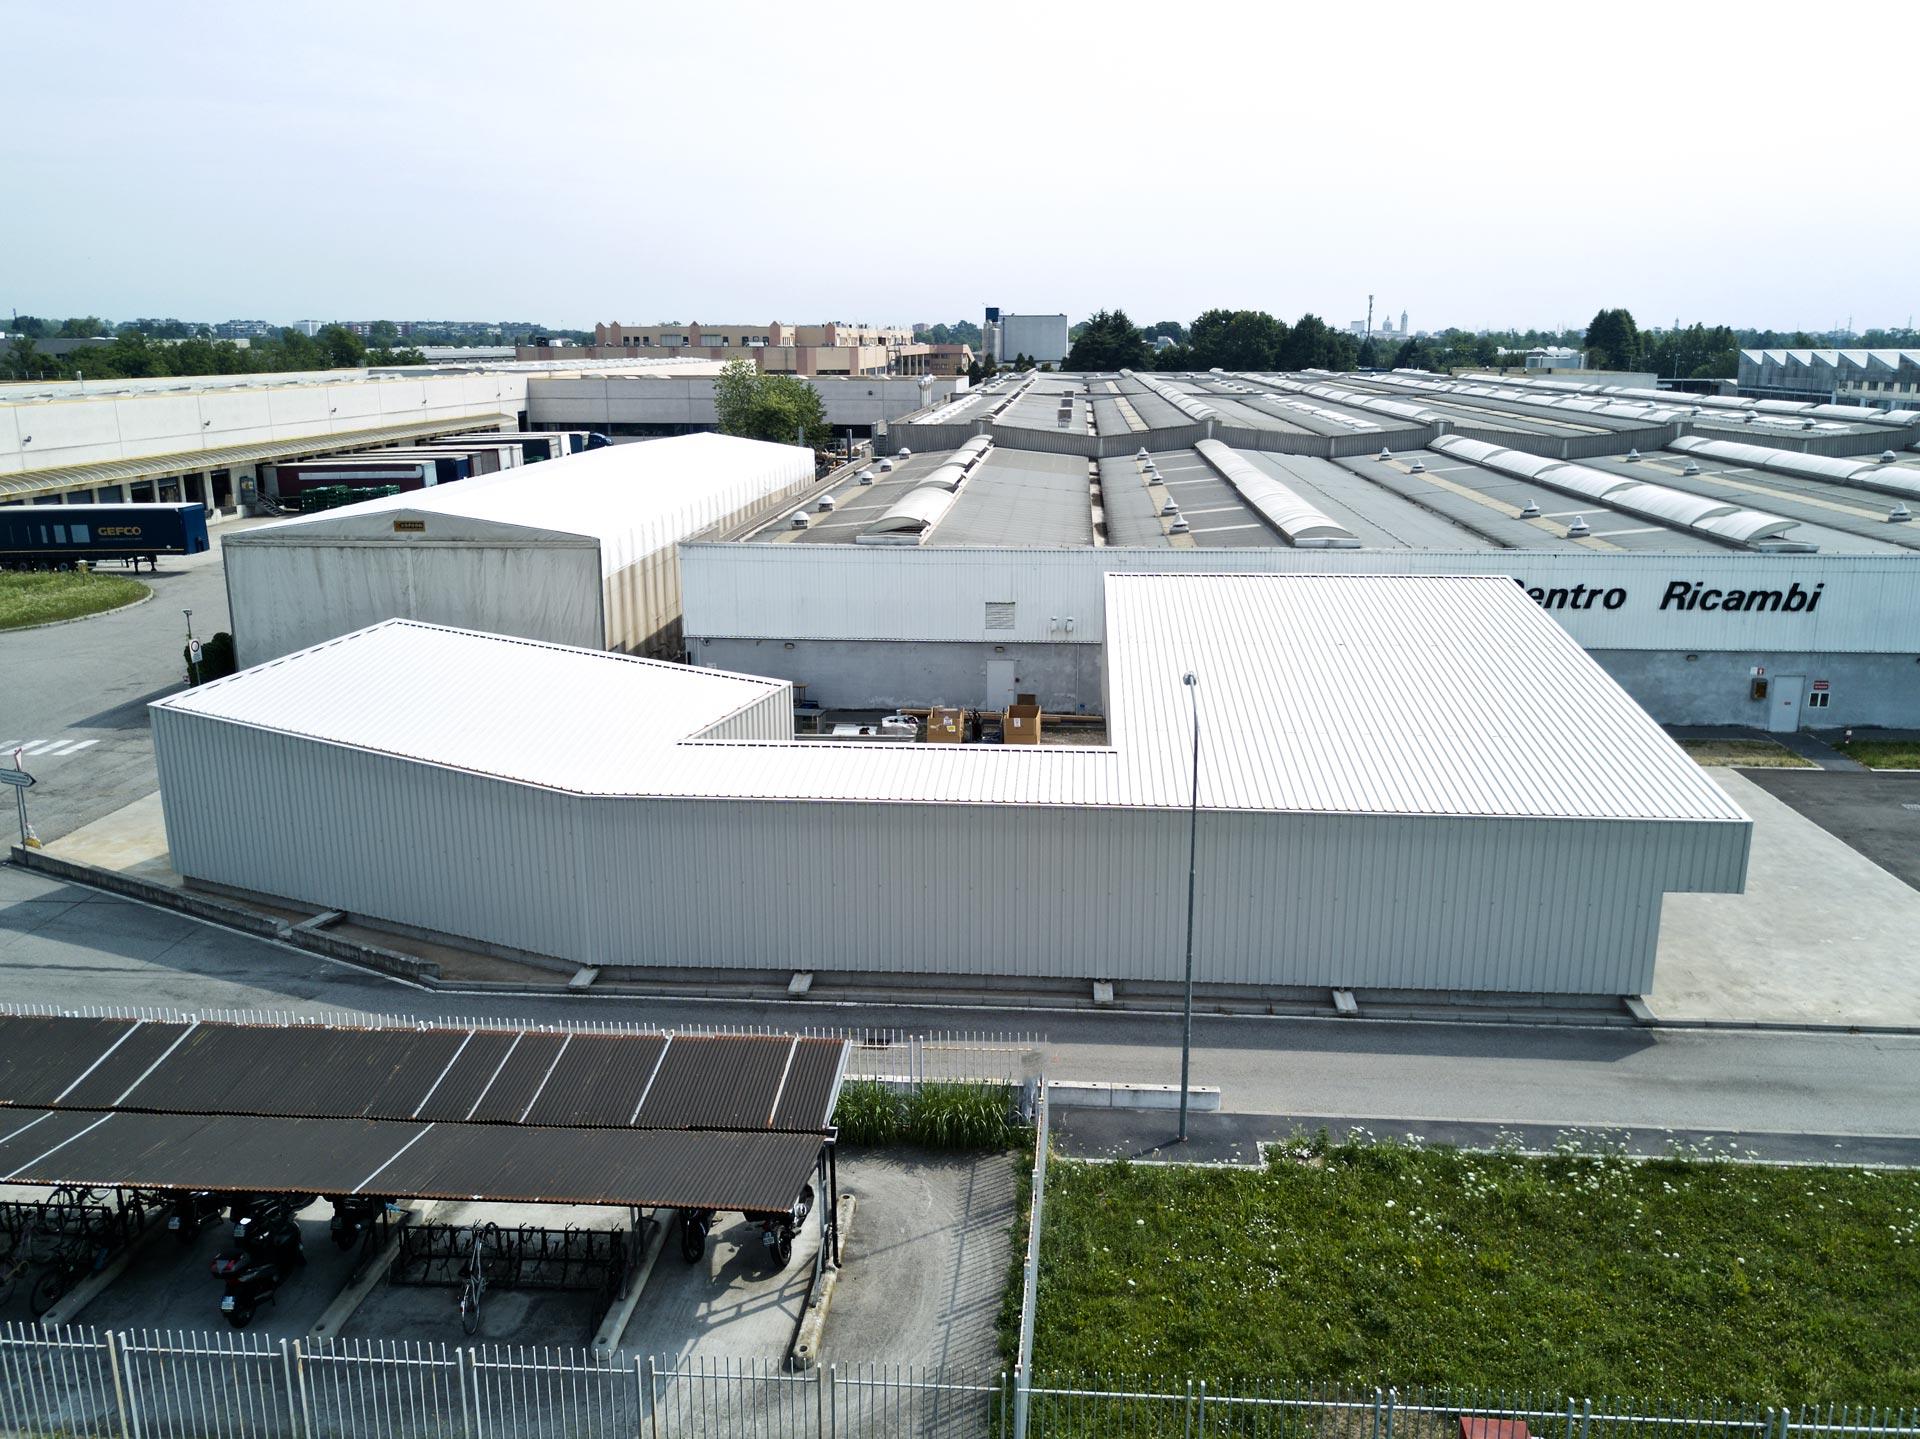 esperienza drone immagine aerea portfolio cantiere architettura milano studio gdmp costruzione magazzino sei.jpg